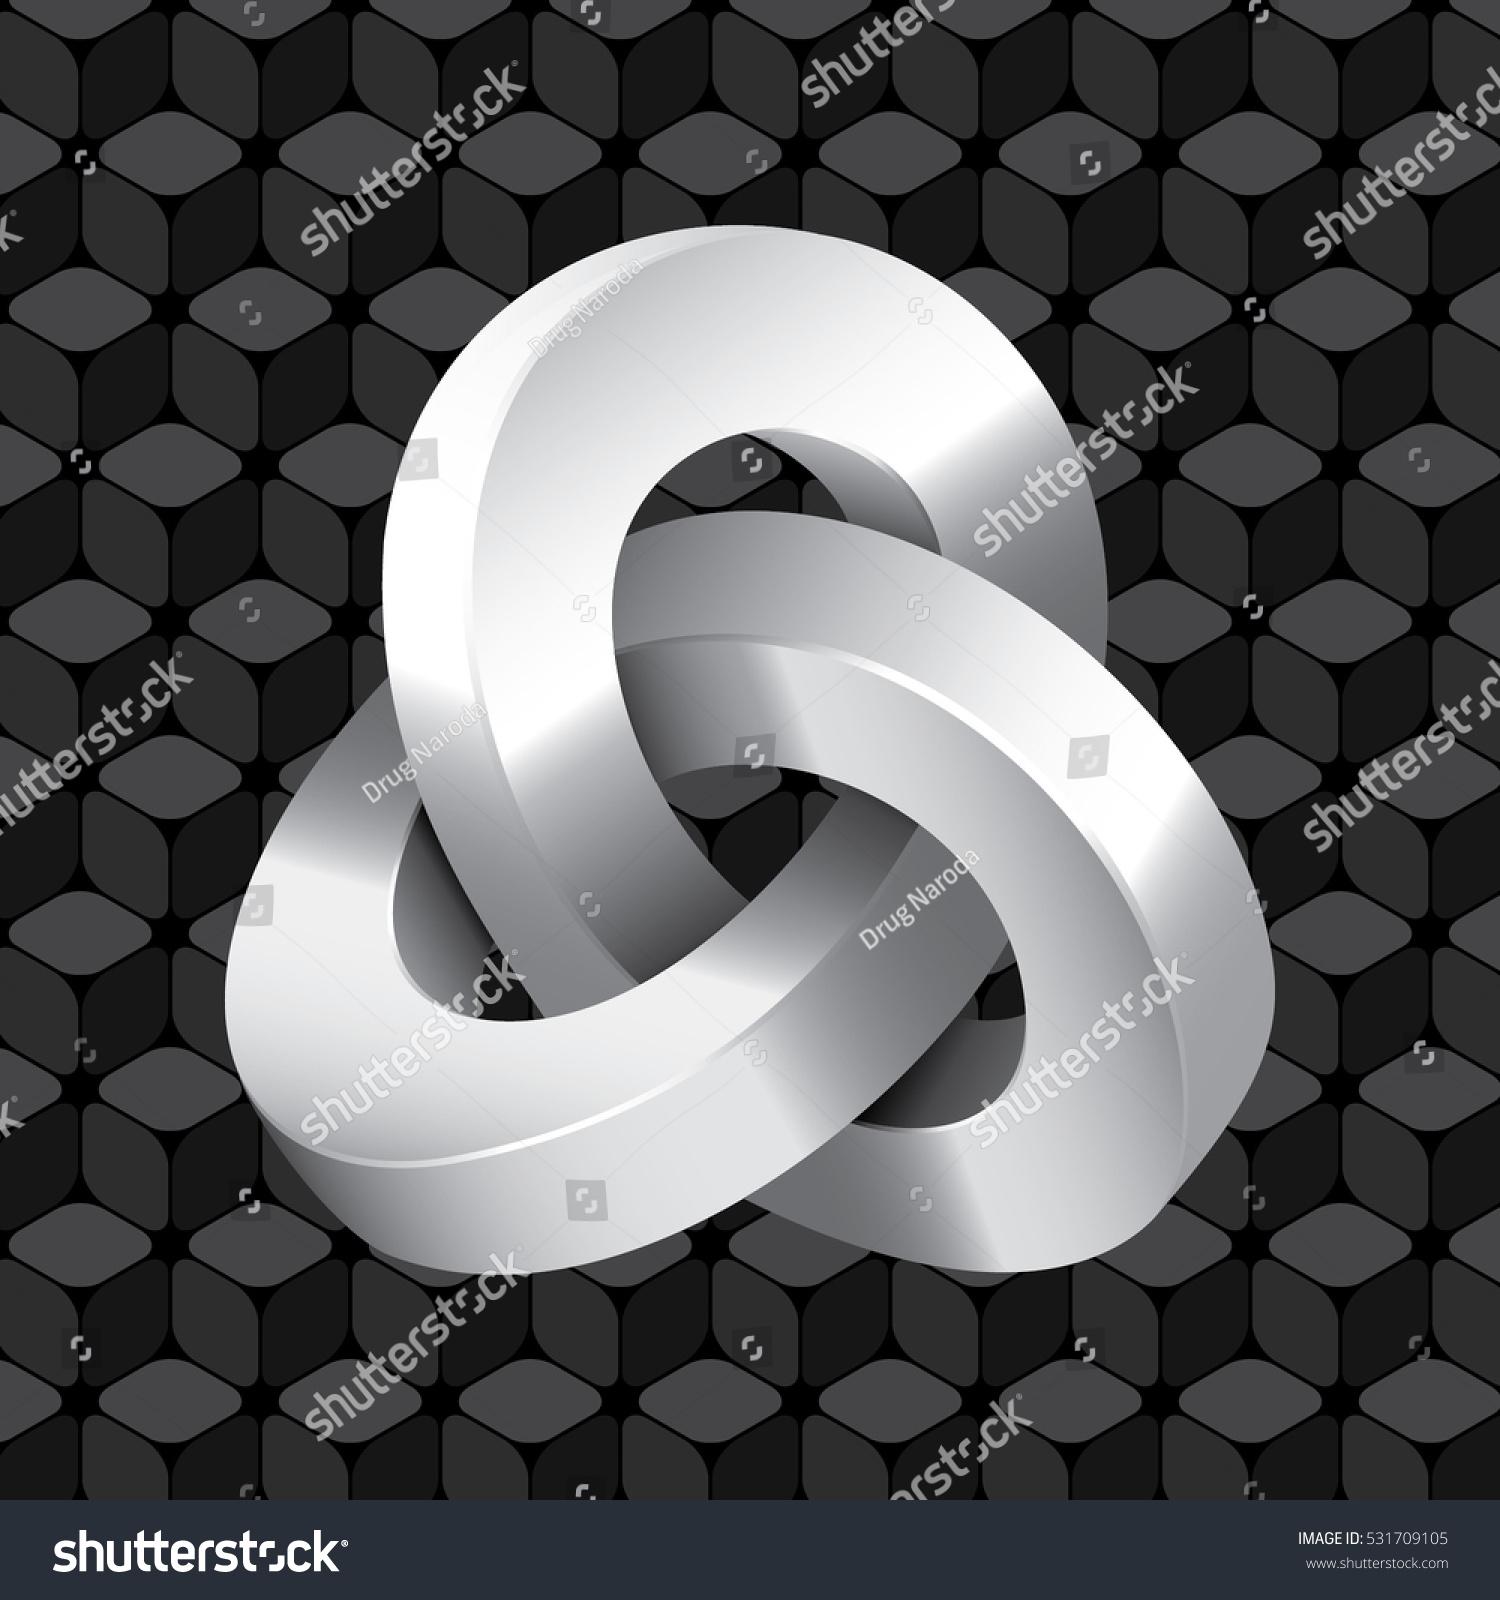 エッシャーのイメージを受けた 繰り返し立方体パターンの壁紙の前にある三重のモビウスループ不可能な幾何学的な図形のアイコン 黒い背景に光沢のあるグレイスケールエレメント グラデーションとフラットグラフィックスタイル のベクター画像素材 ロイヤリティ